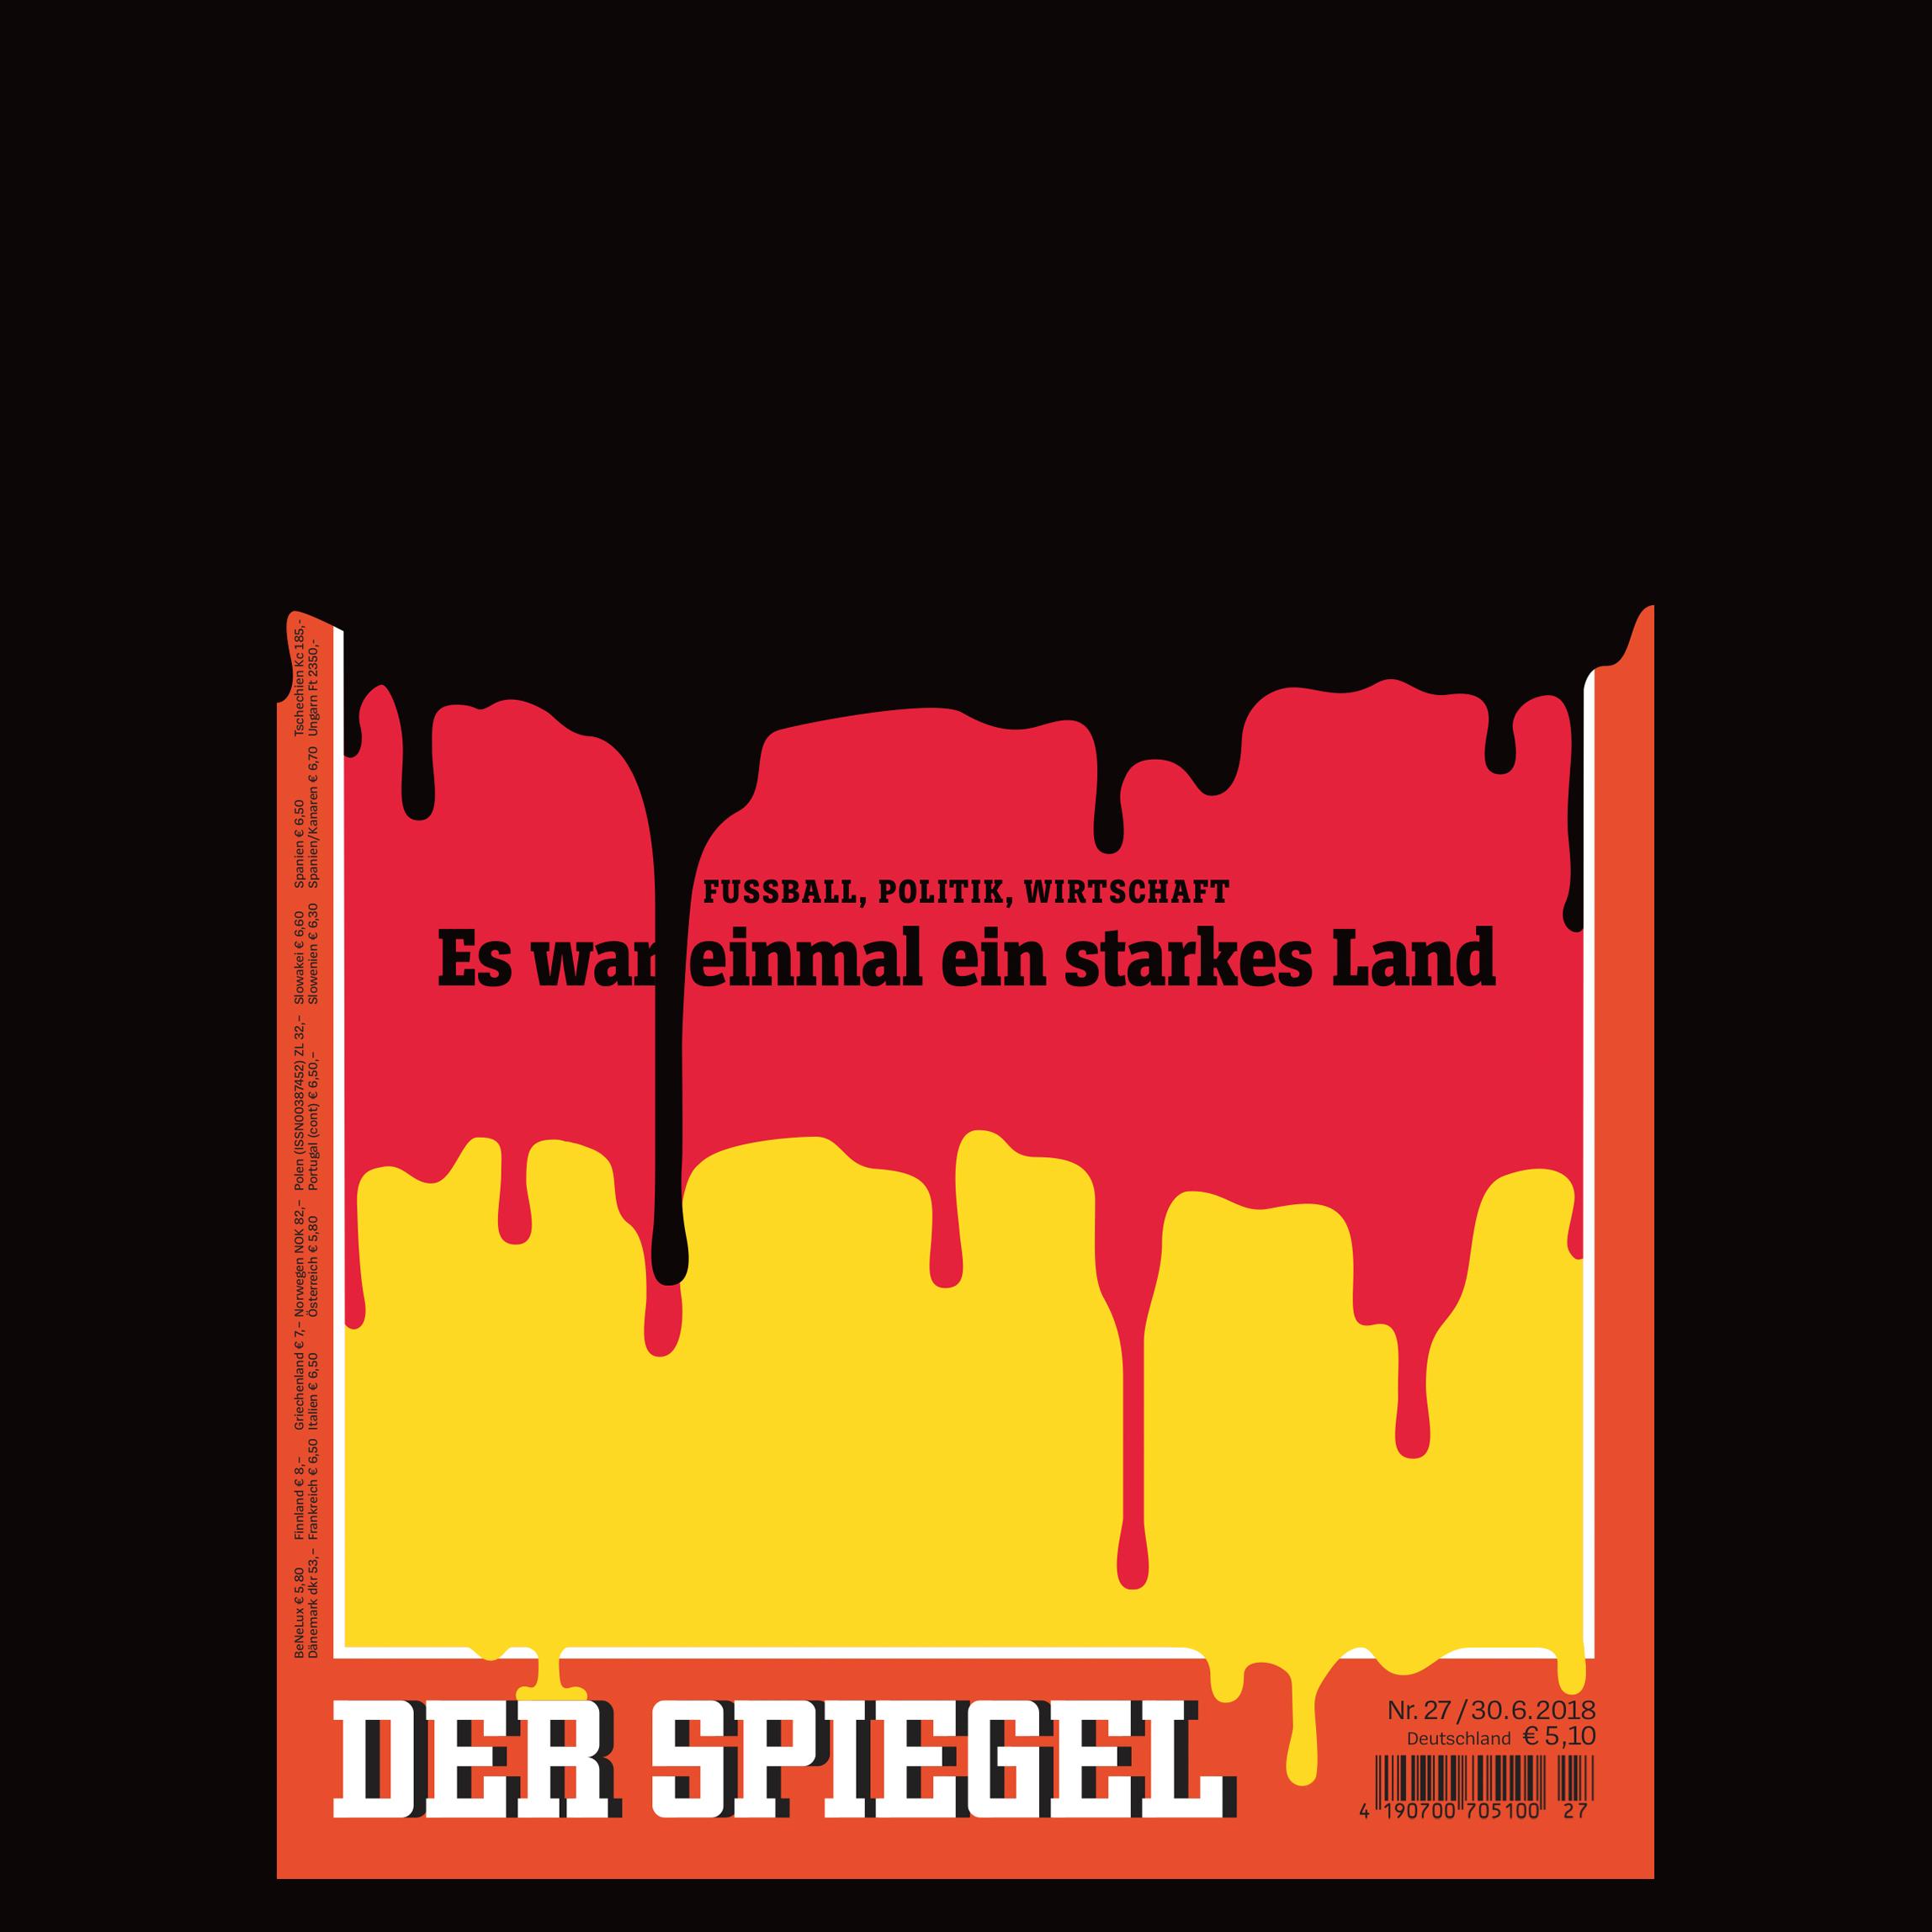 180630_DER_SPIEGEL_Fussball_Regierungskrise_72_square_black.jpg